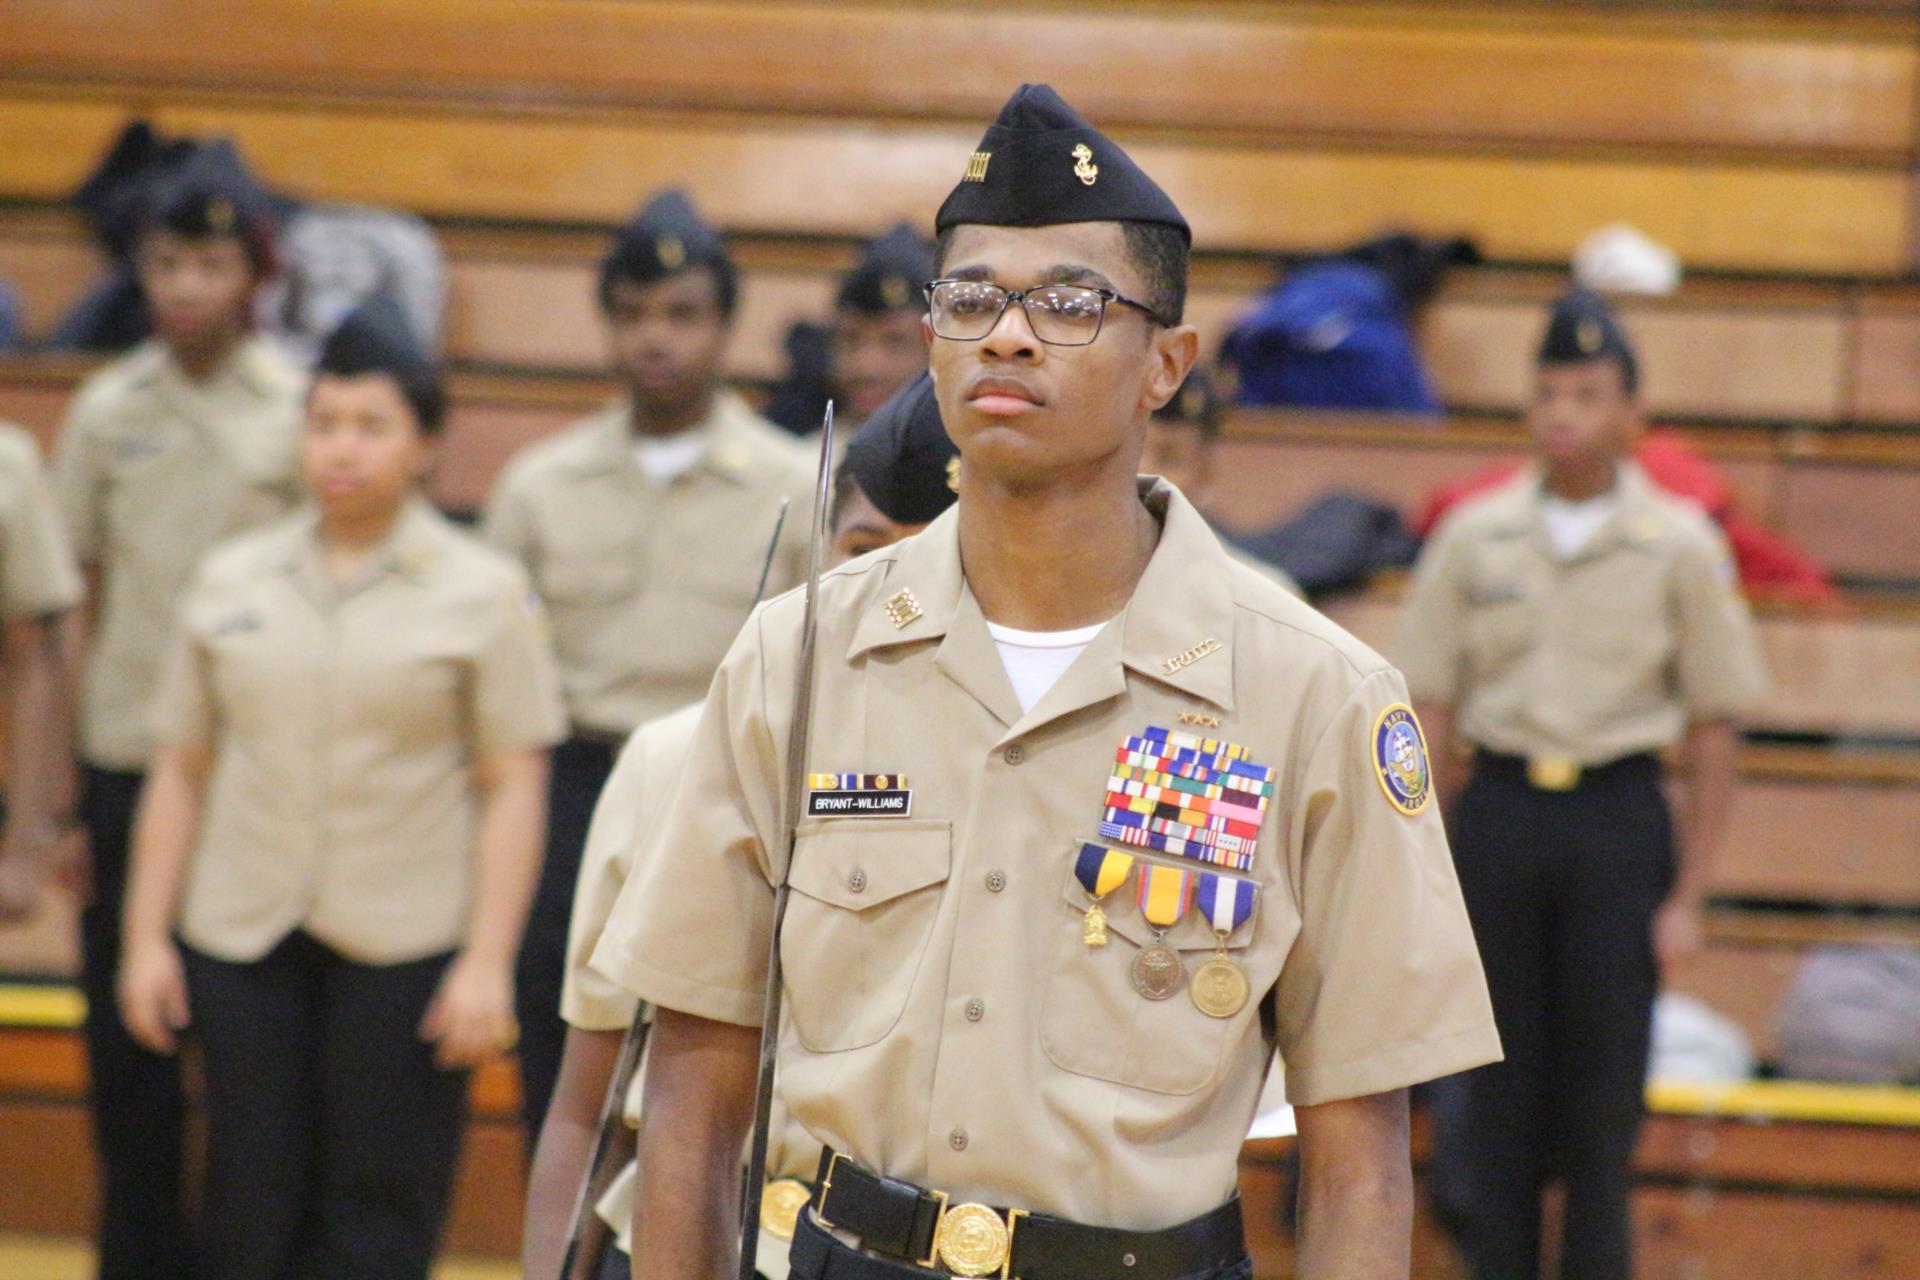 EHS student T'Sean JROTC